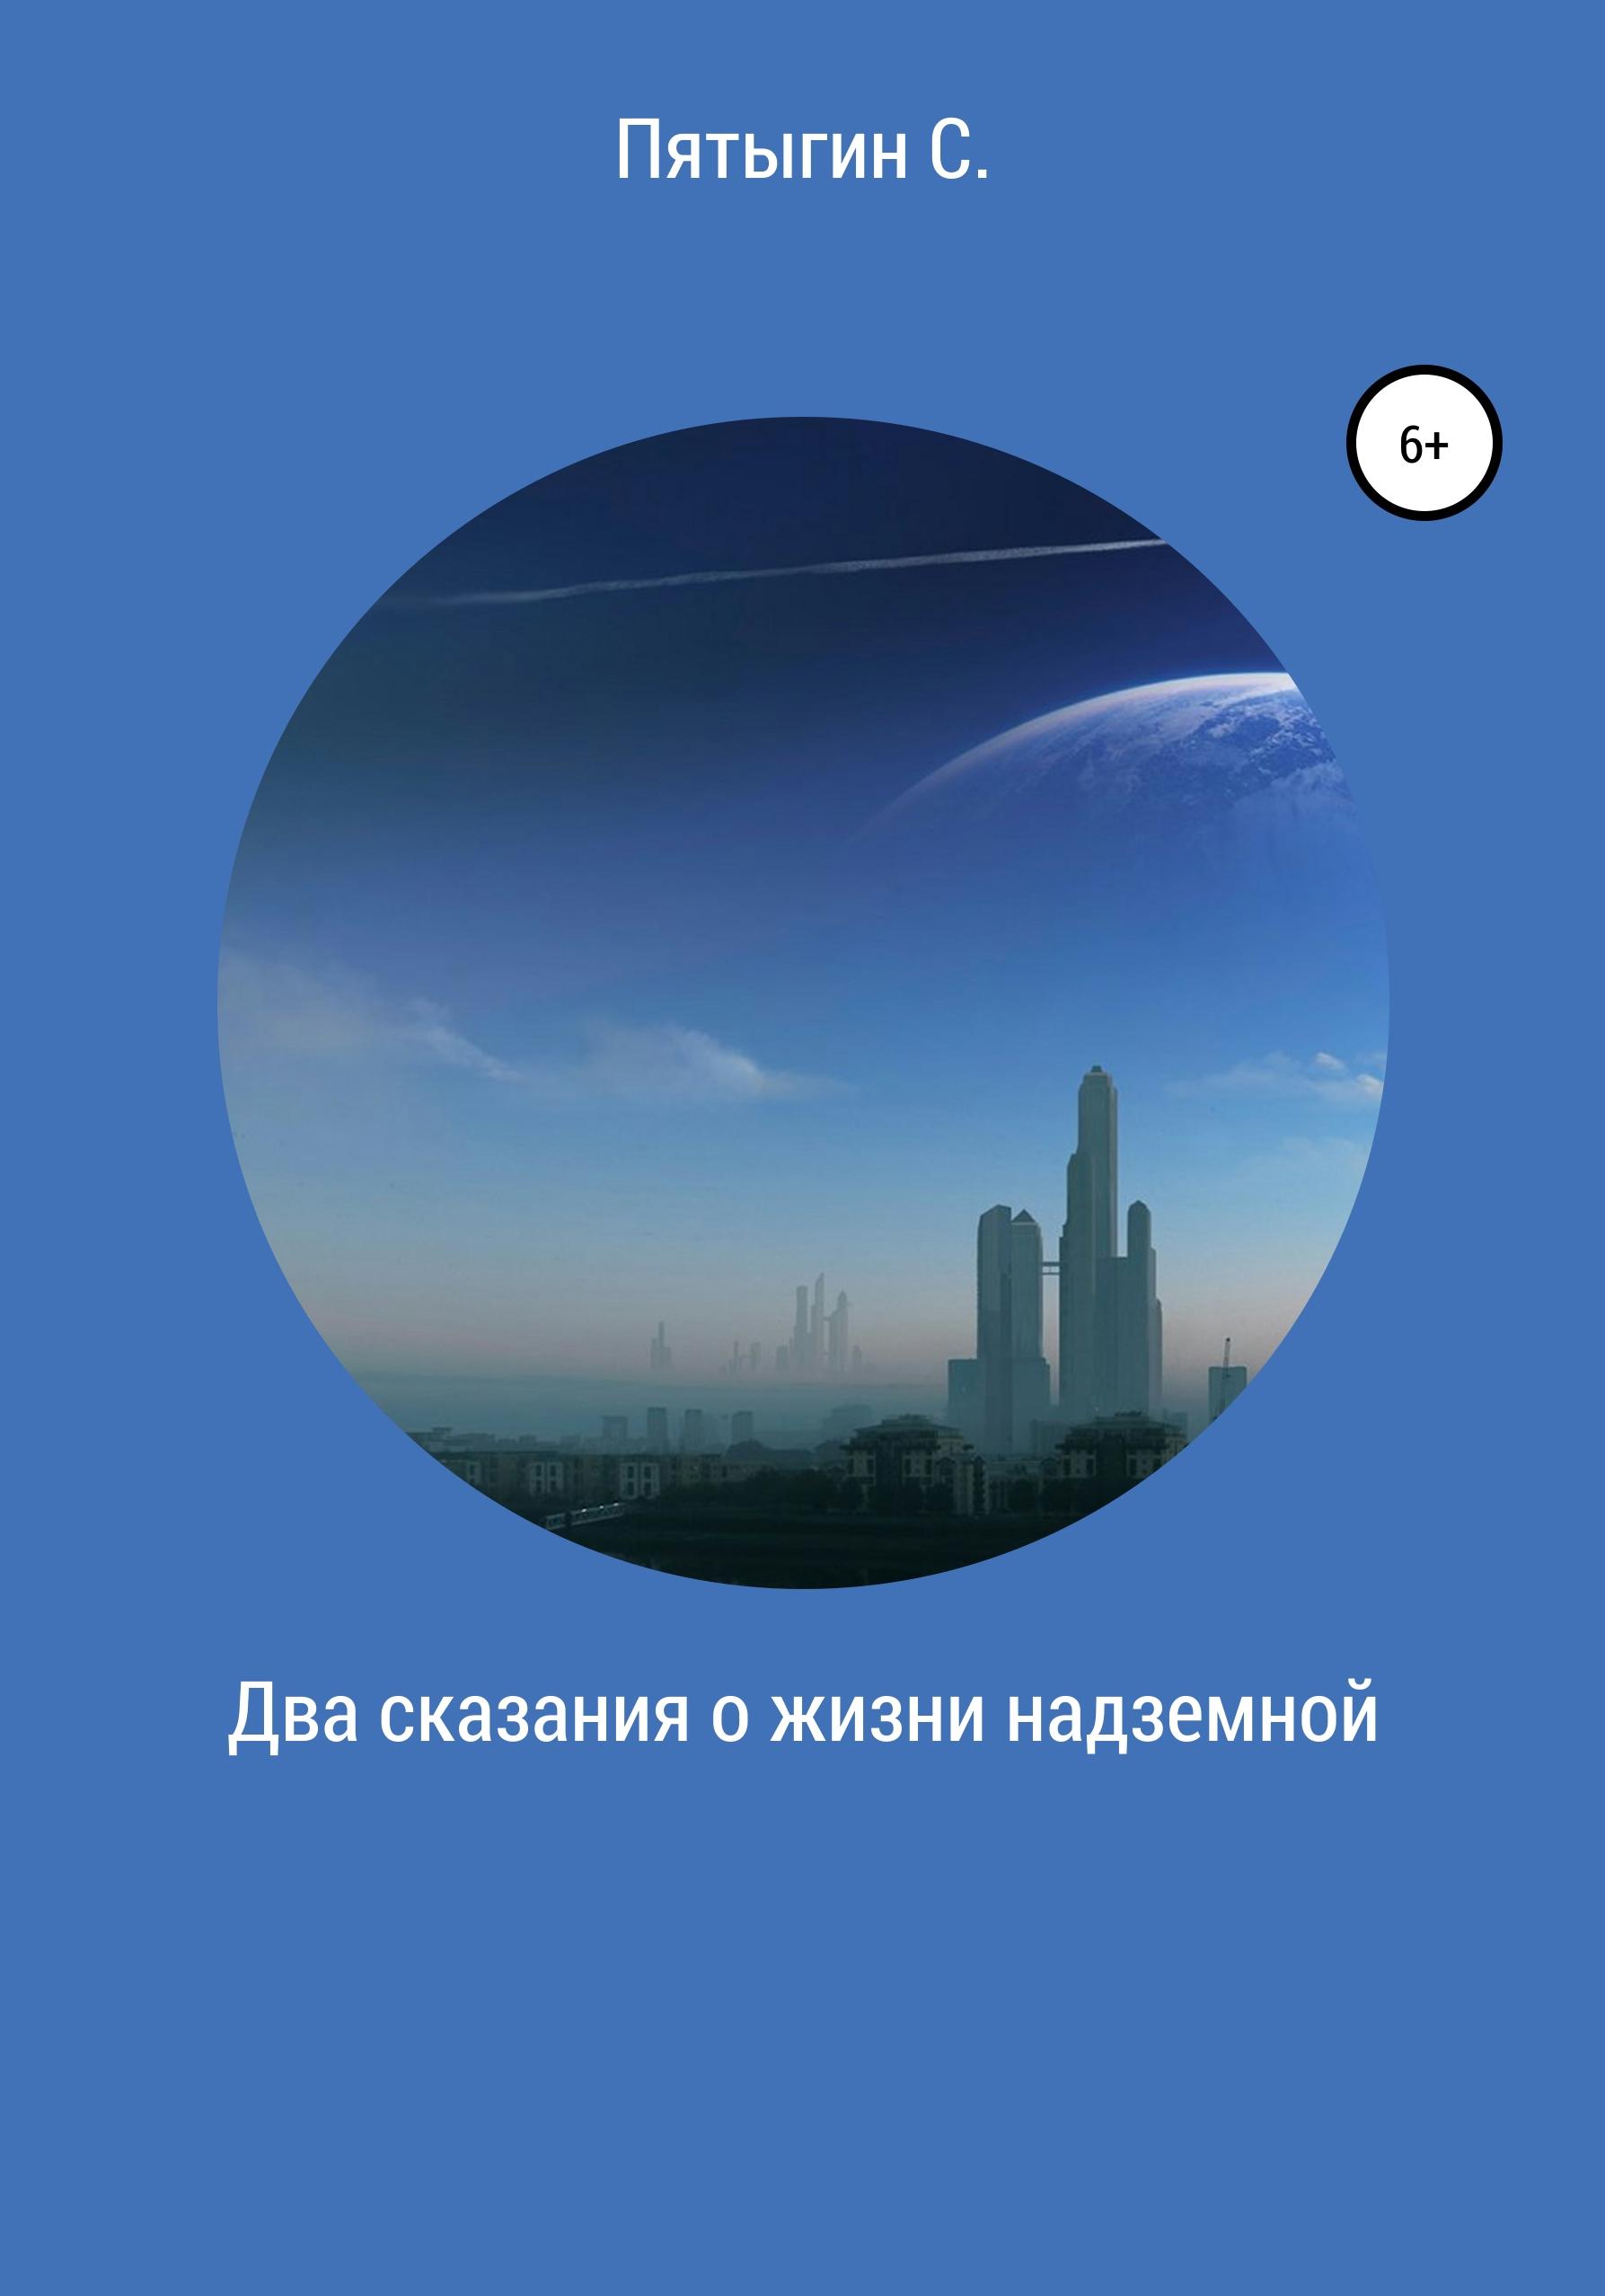 Два сказания о жизни надземной ( Сергей Пятыгин  )